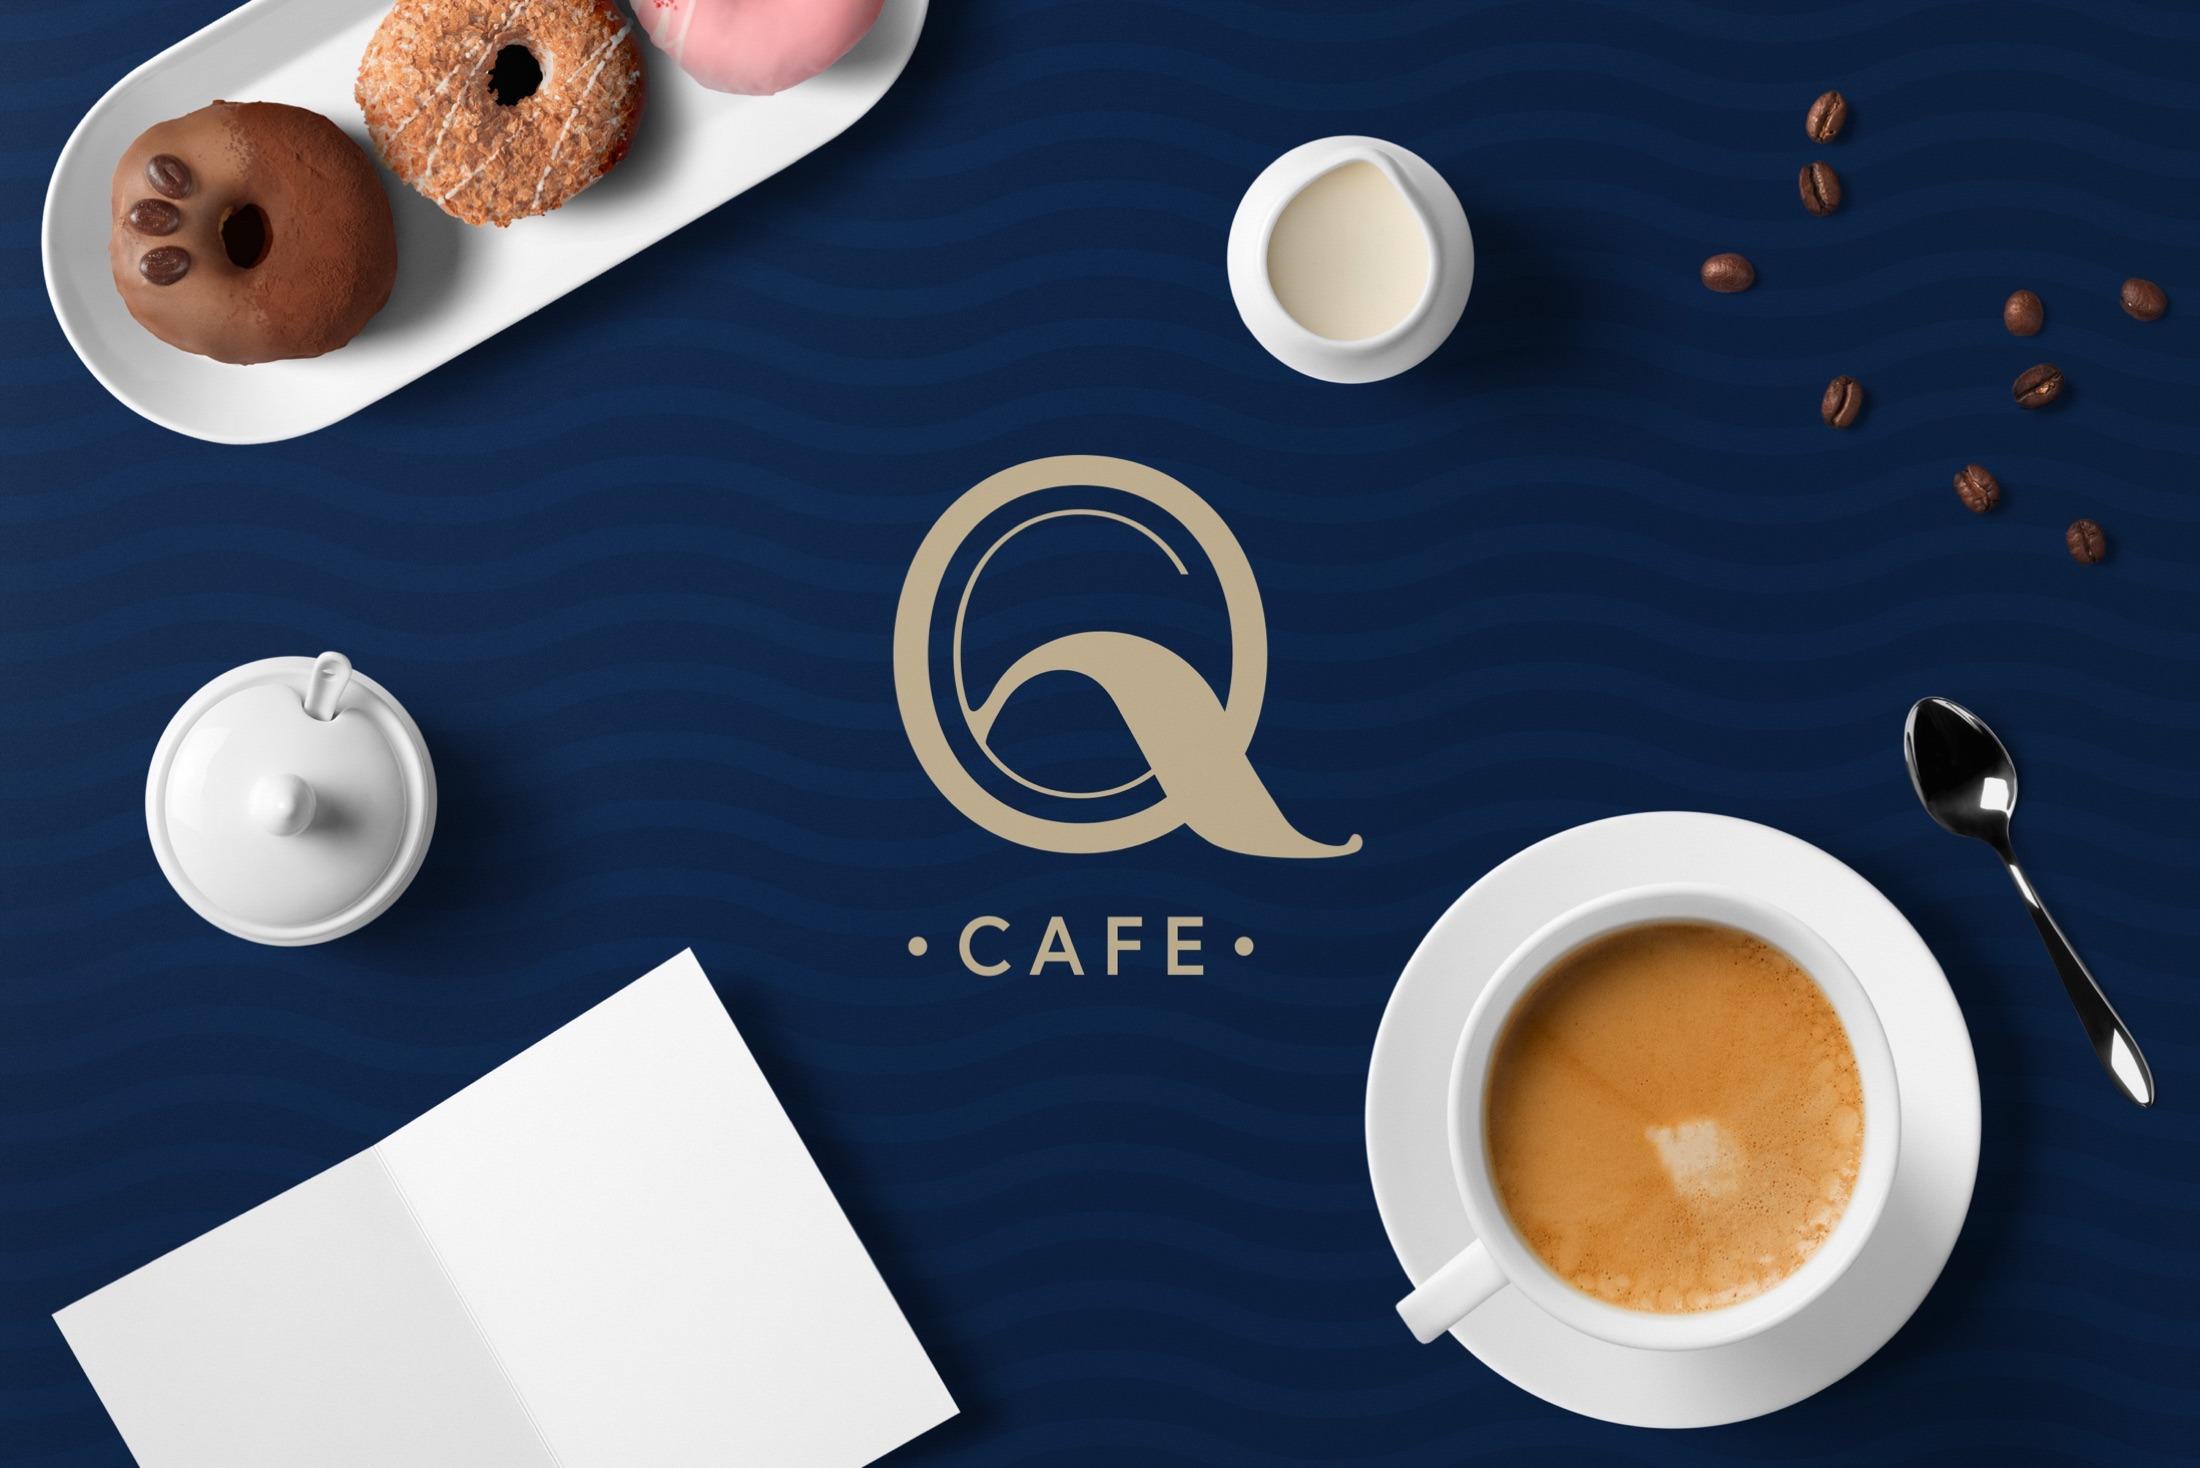 Logo Design - Q Cafe